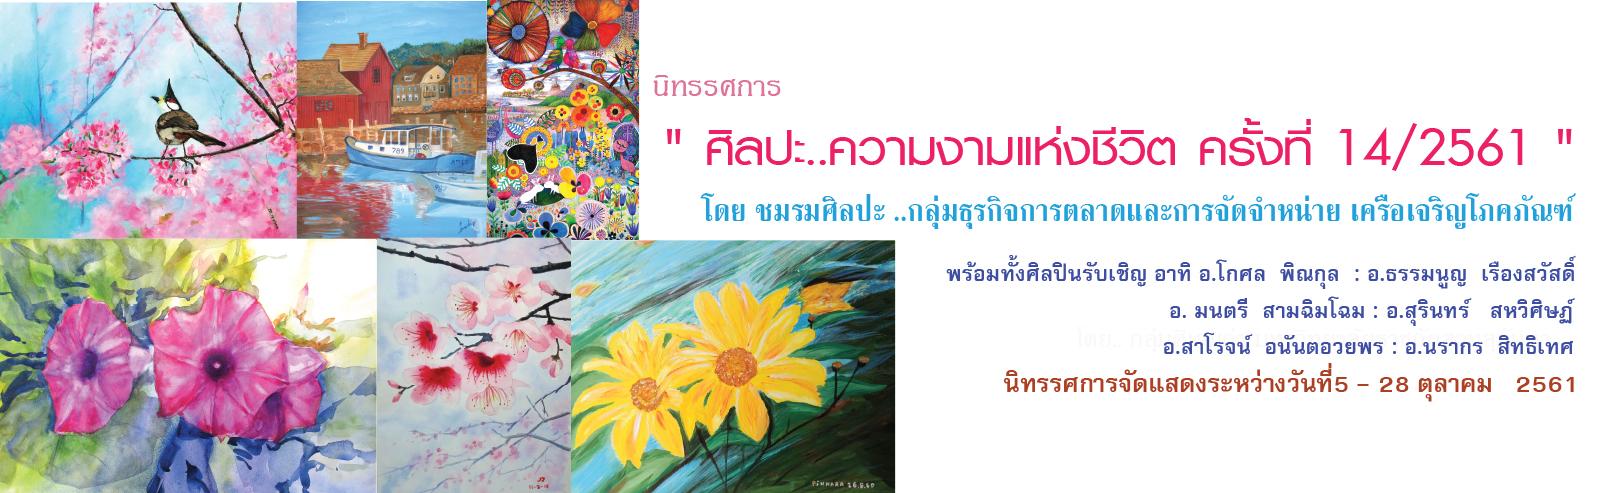 ศิลปะ..ความงามแห่งชีวิต ครั้งที่ 14/2561